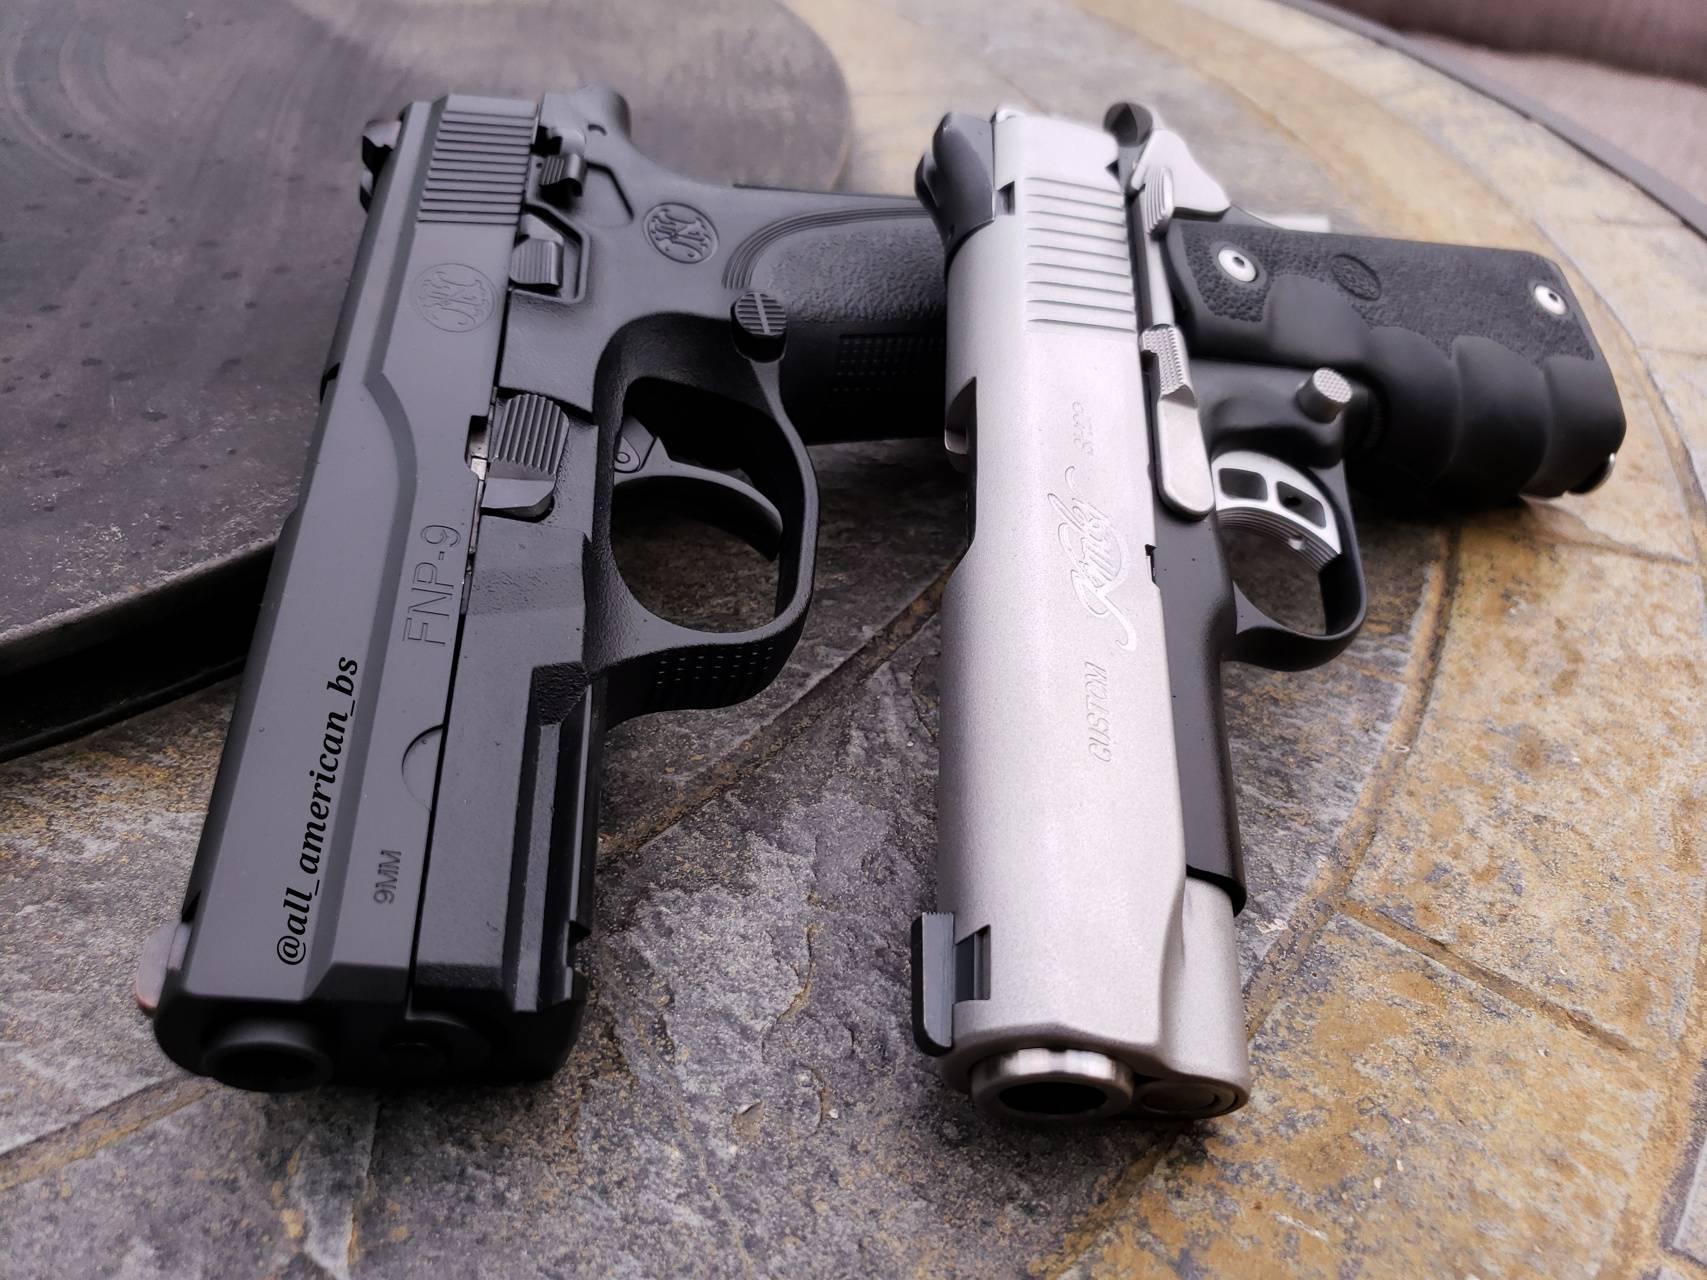 FNP9 Gun